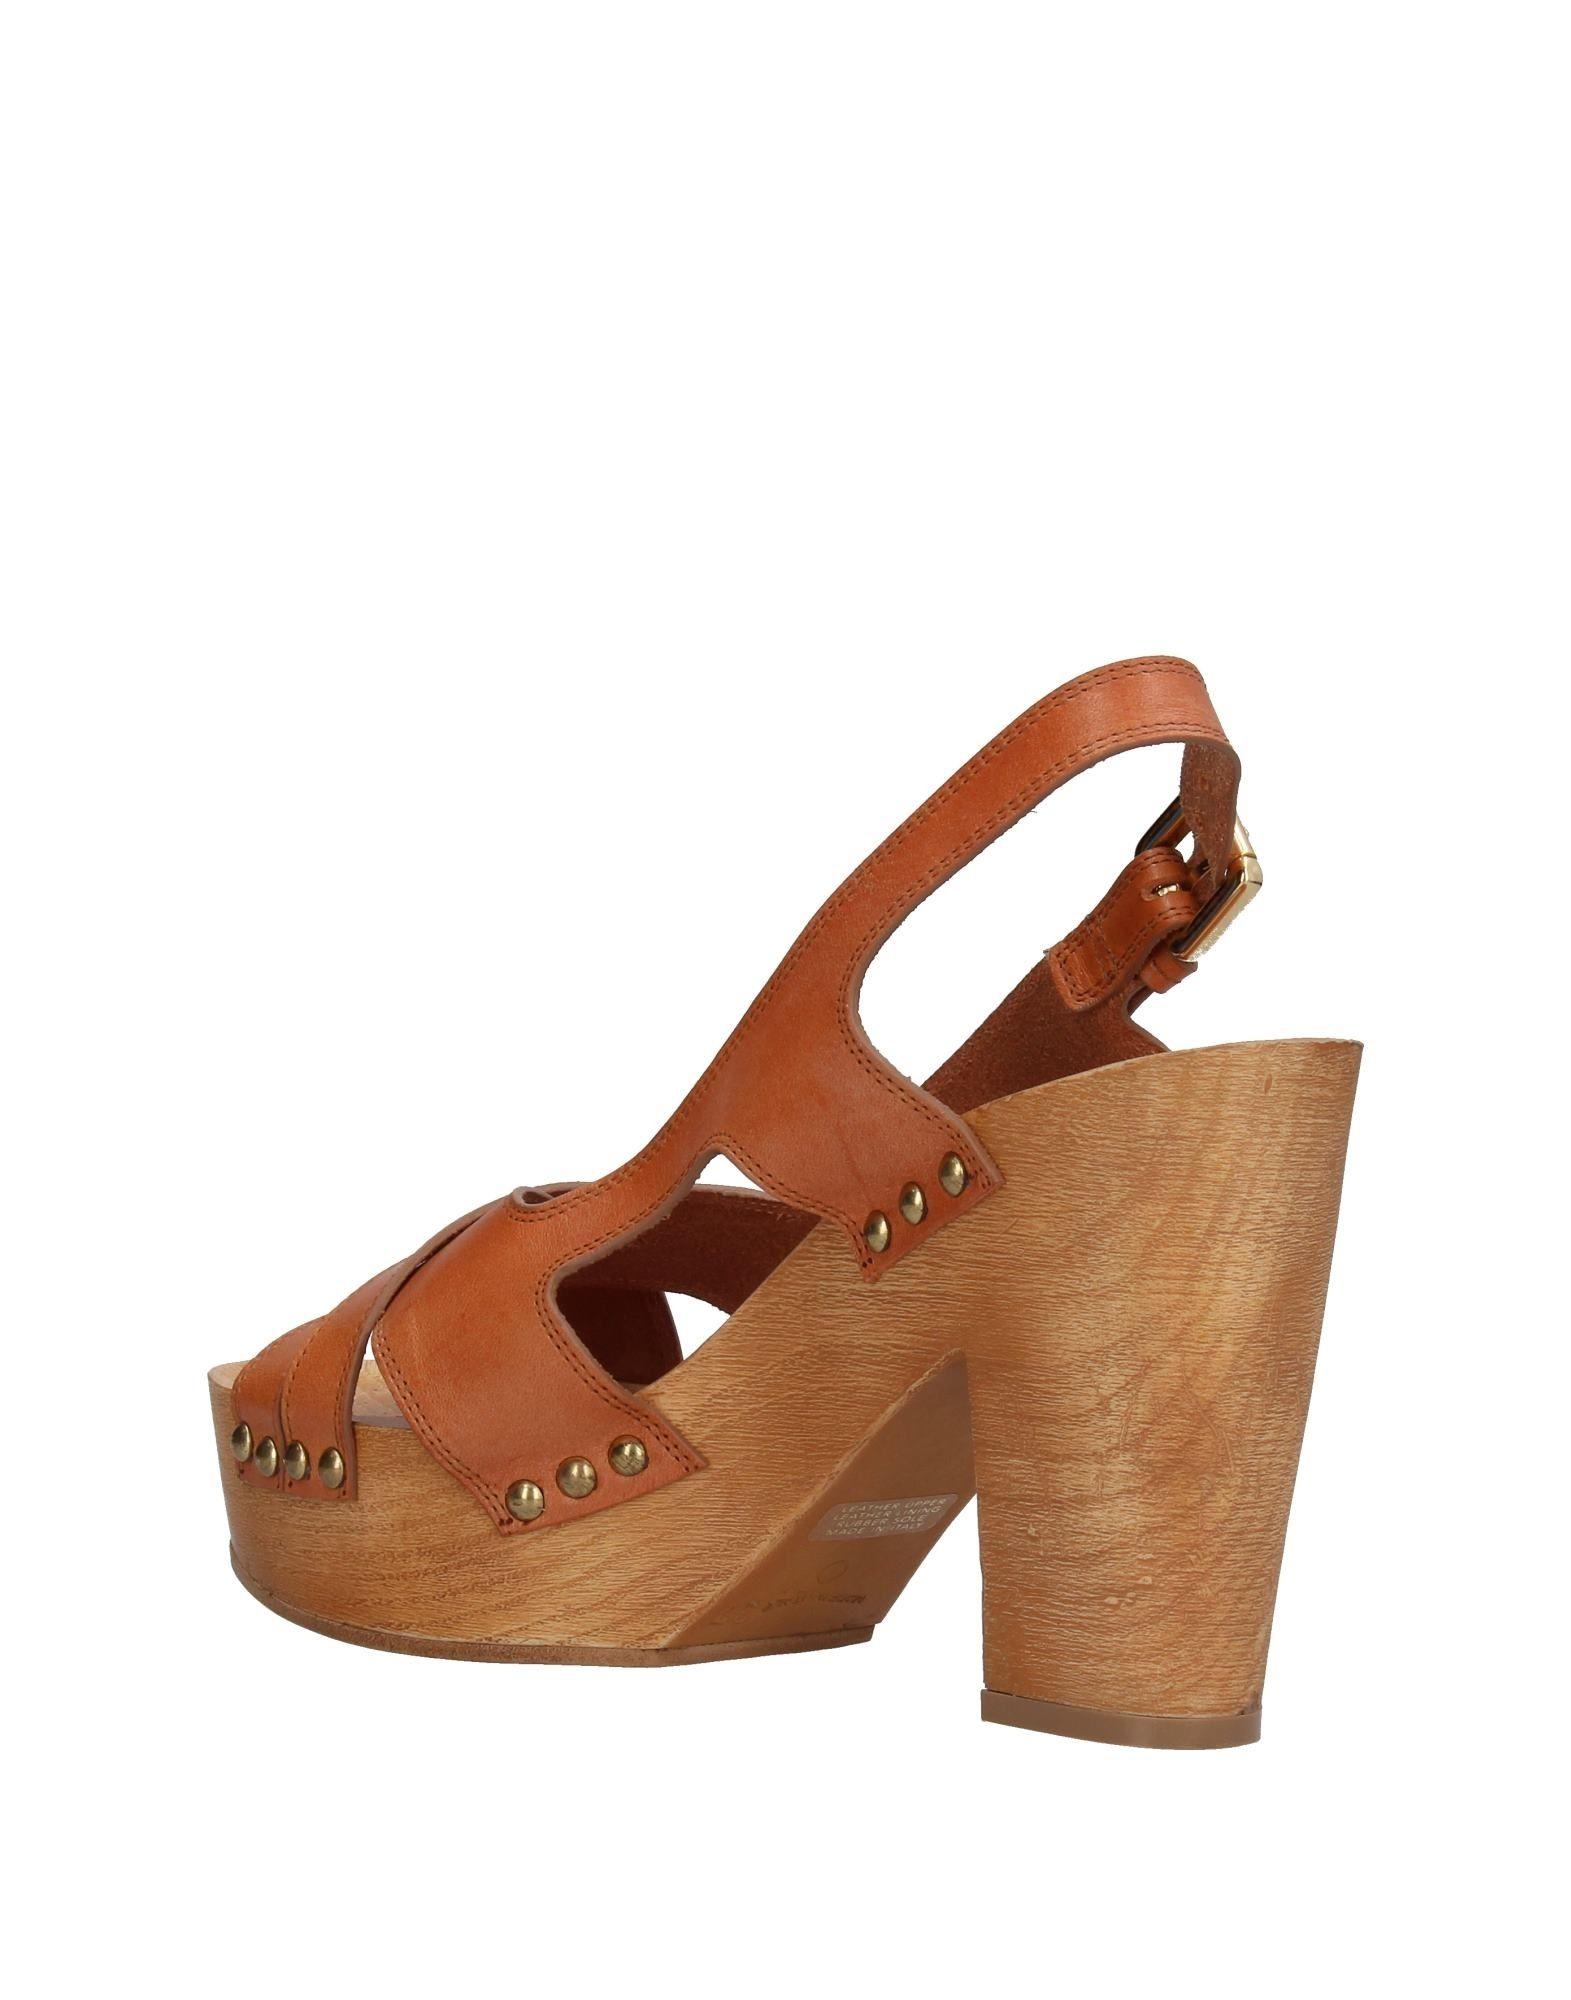 L' Autre Chose Sandalen 11384030ND Damen  11384030ND Sandalen Neue Schuhe 1098b6